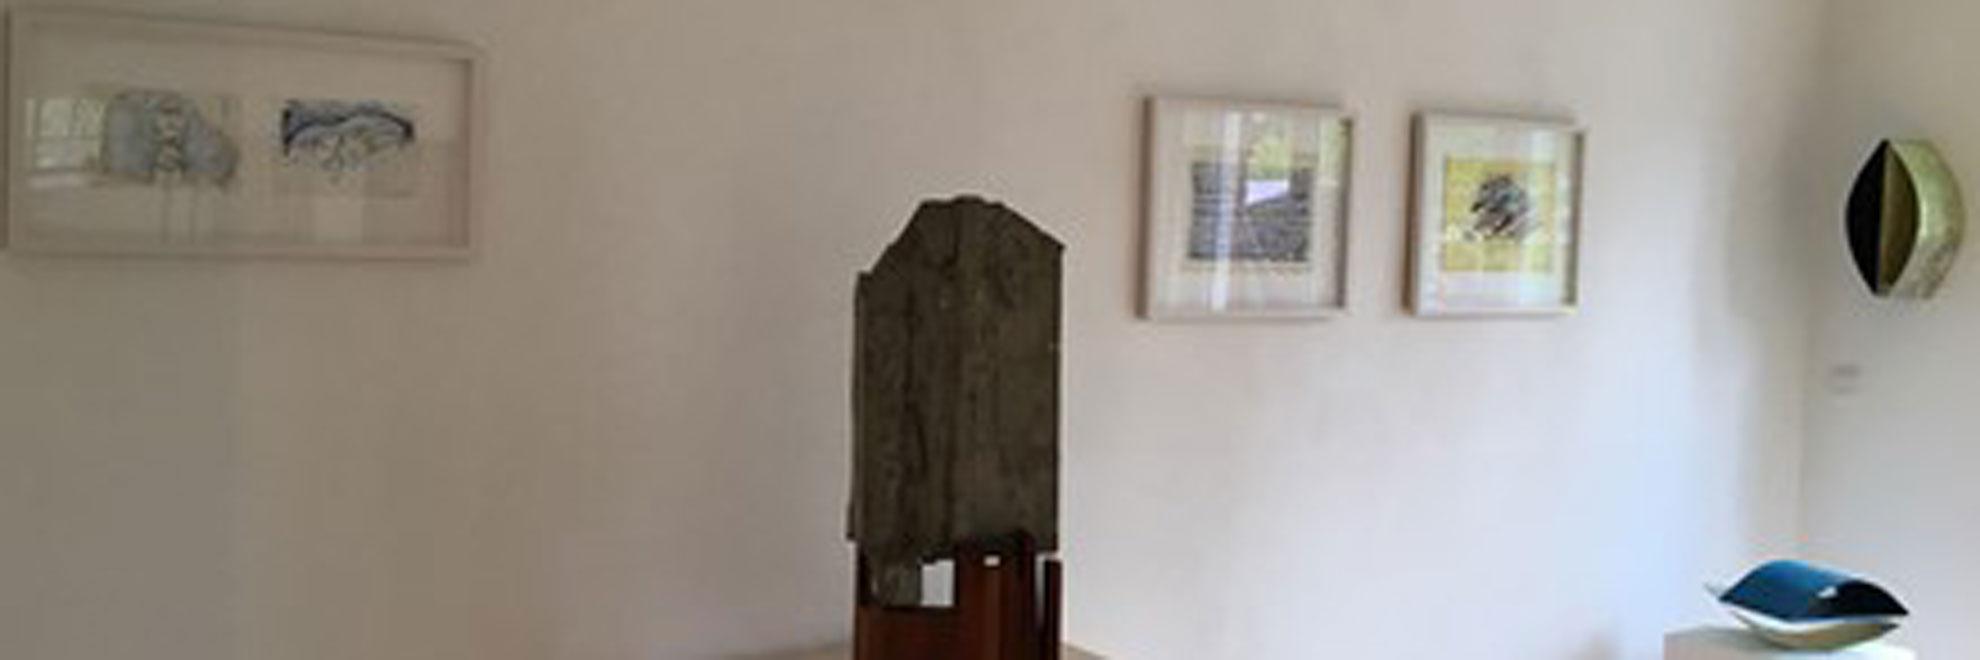 Schaalseegalerie - Materialismus